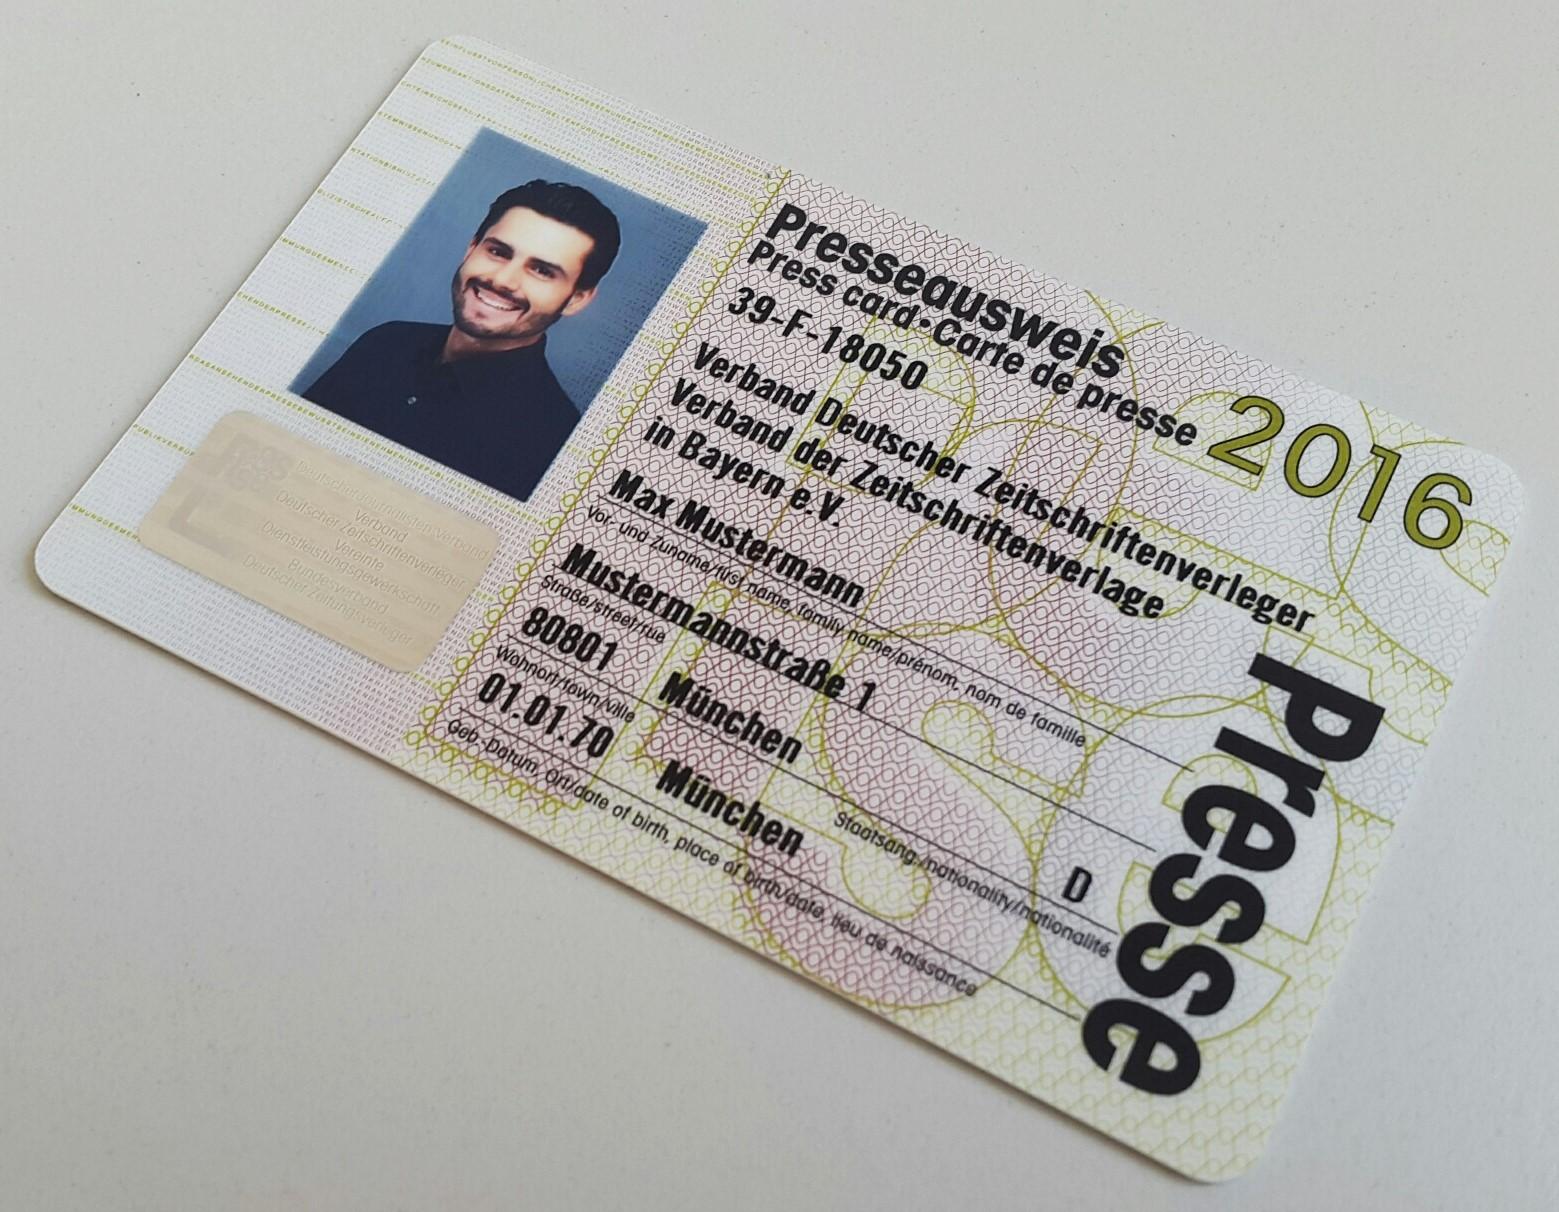 Presseasuweis Max Mustermann